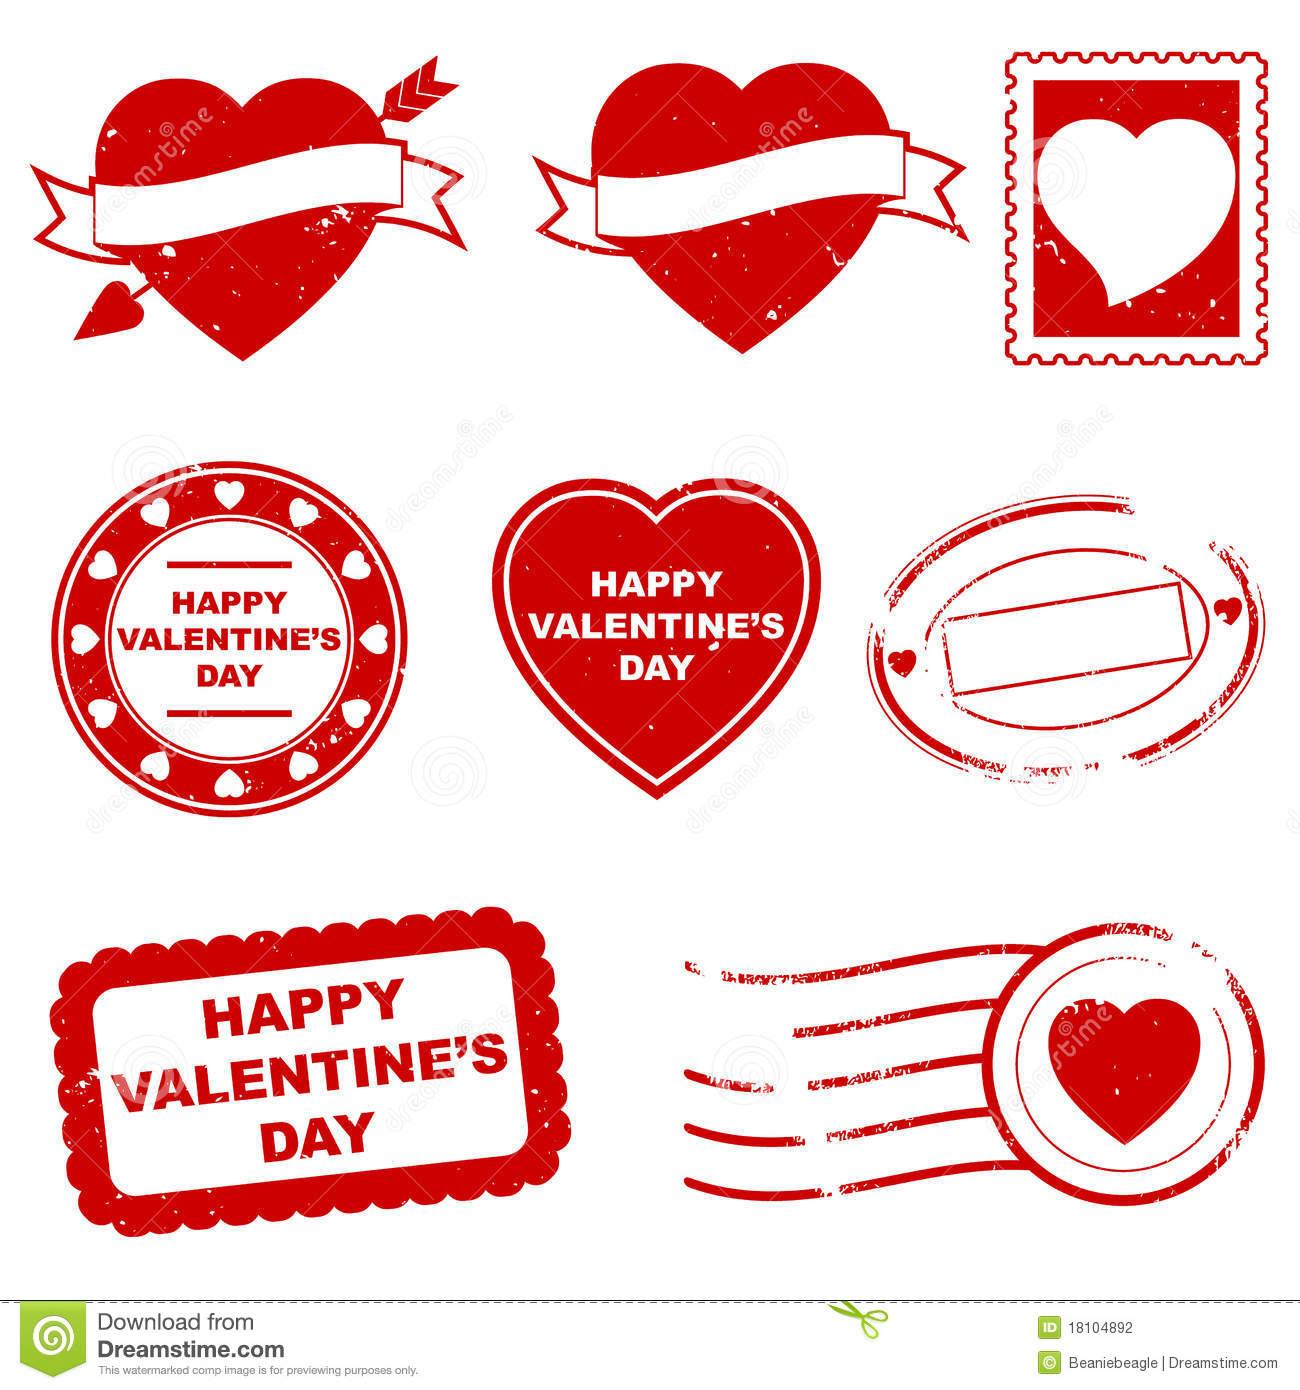 Valentine stamp clipart svg freeuse download Happy Valentines Day Stamp Clipart & Clip Art Images #28285 ... svg freeuse download